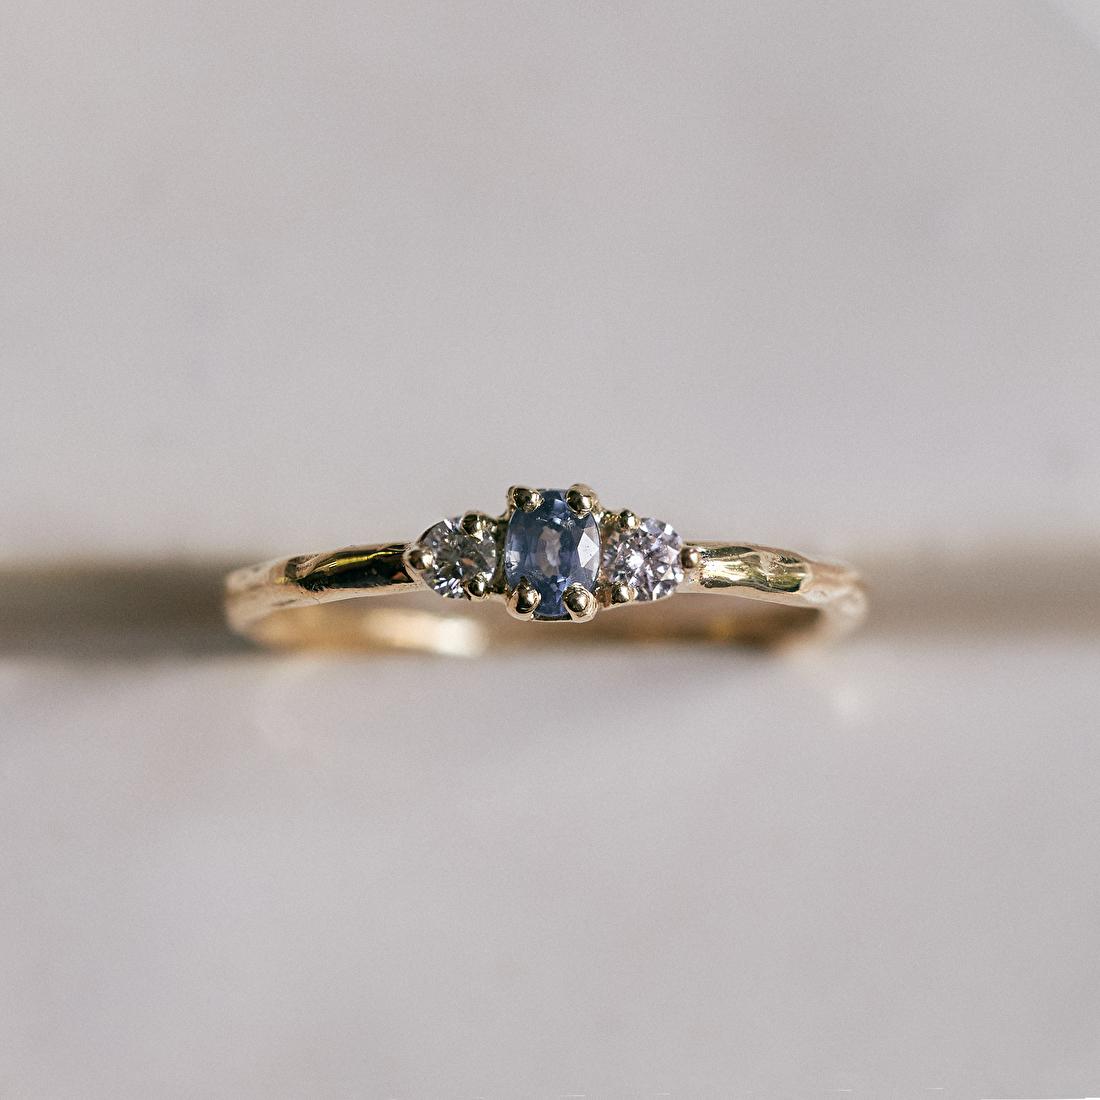 Verlovingsring met saffier